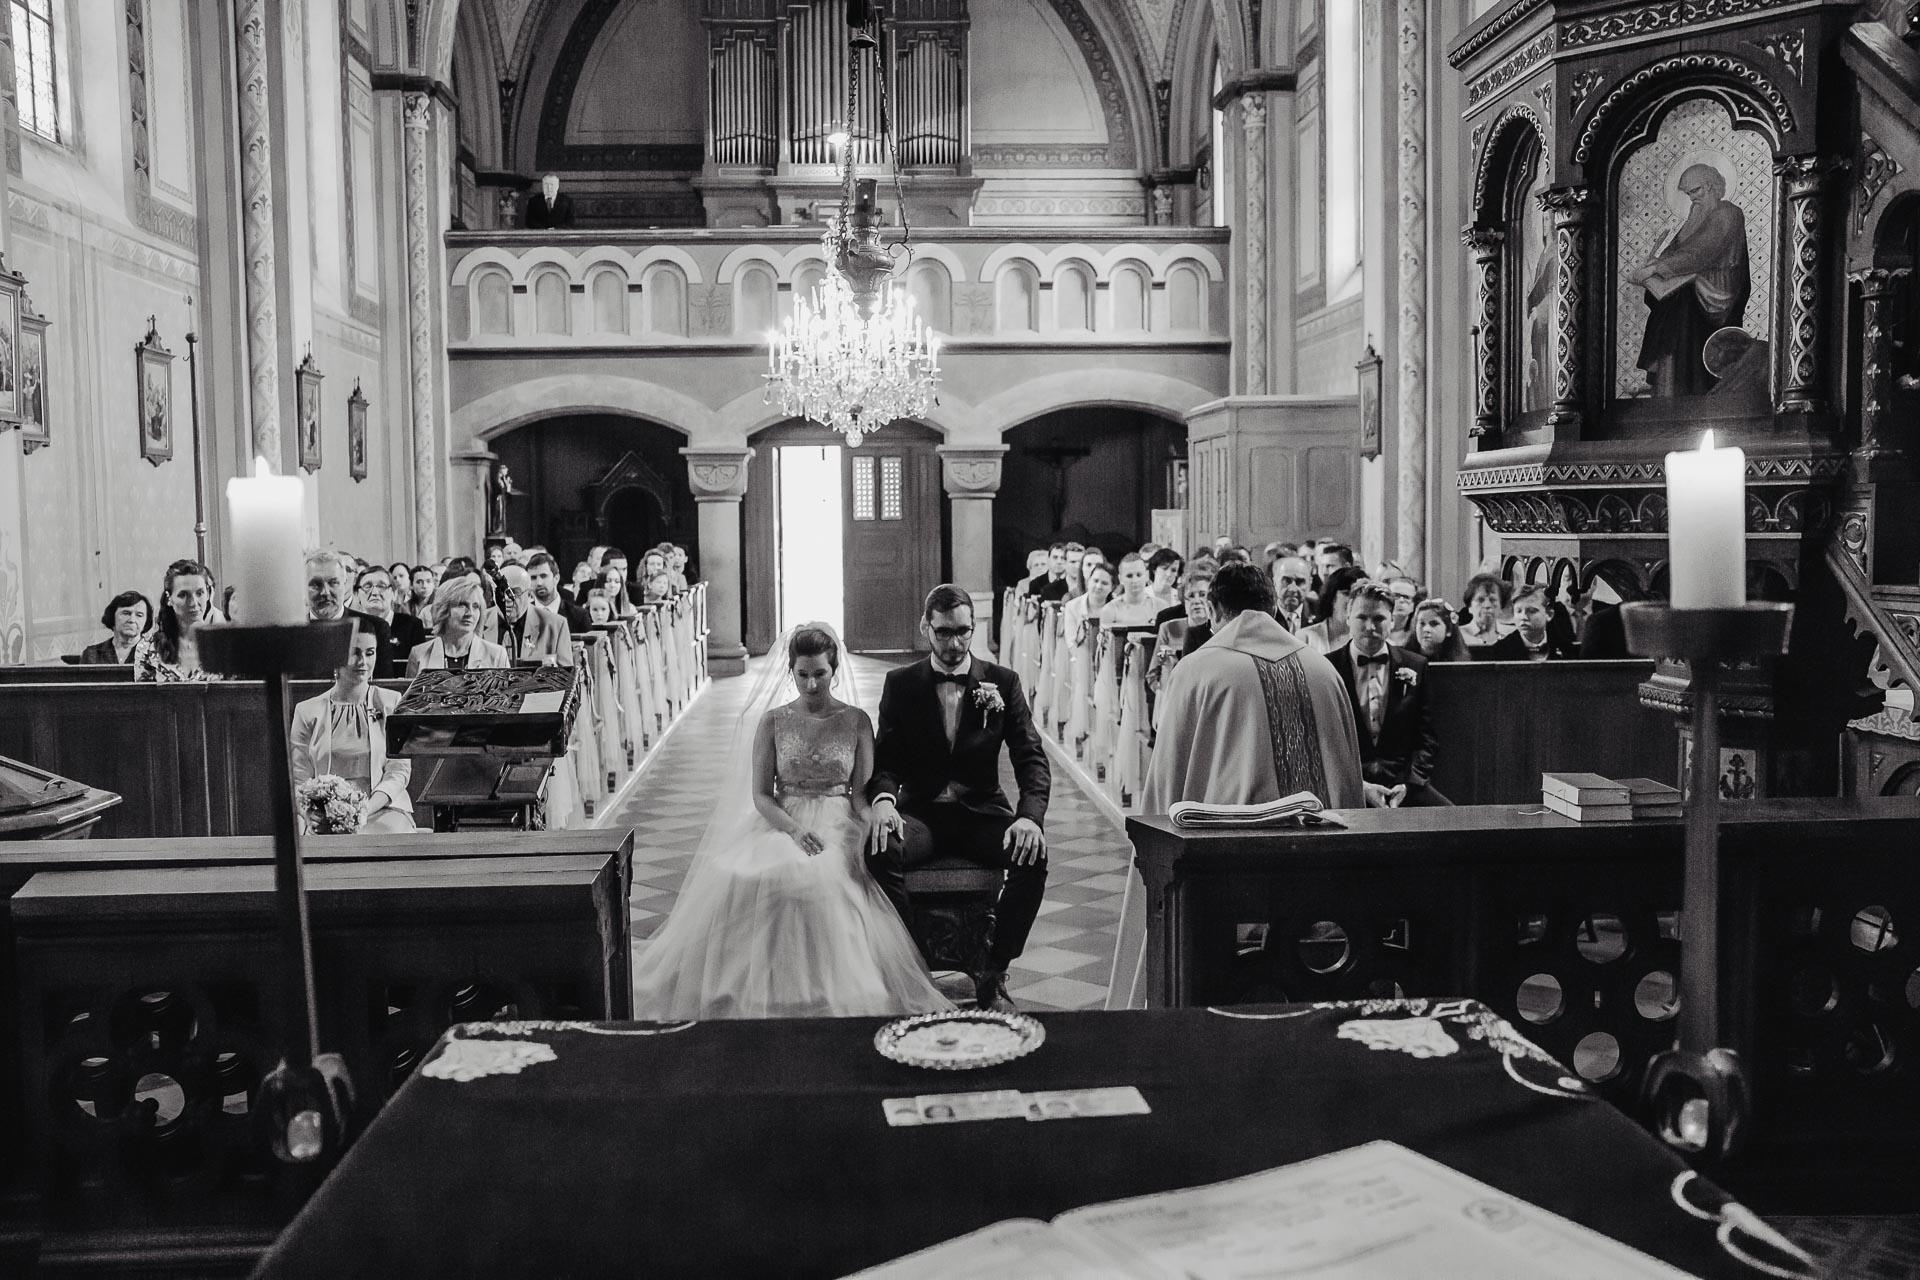 svatební fotograf Praha,svatba střední čechy, církevní obřad, svatba v kostele, nejhezčí svatební fotografie-2354